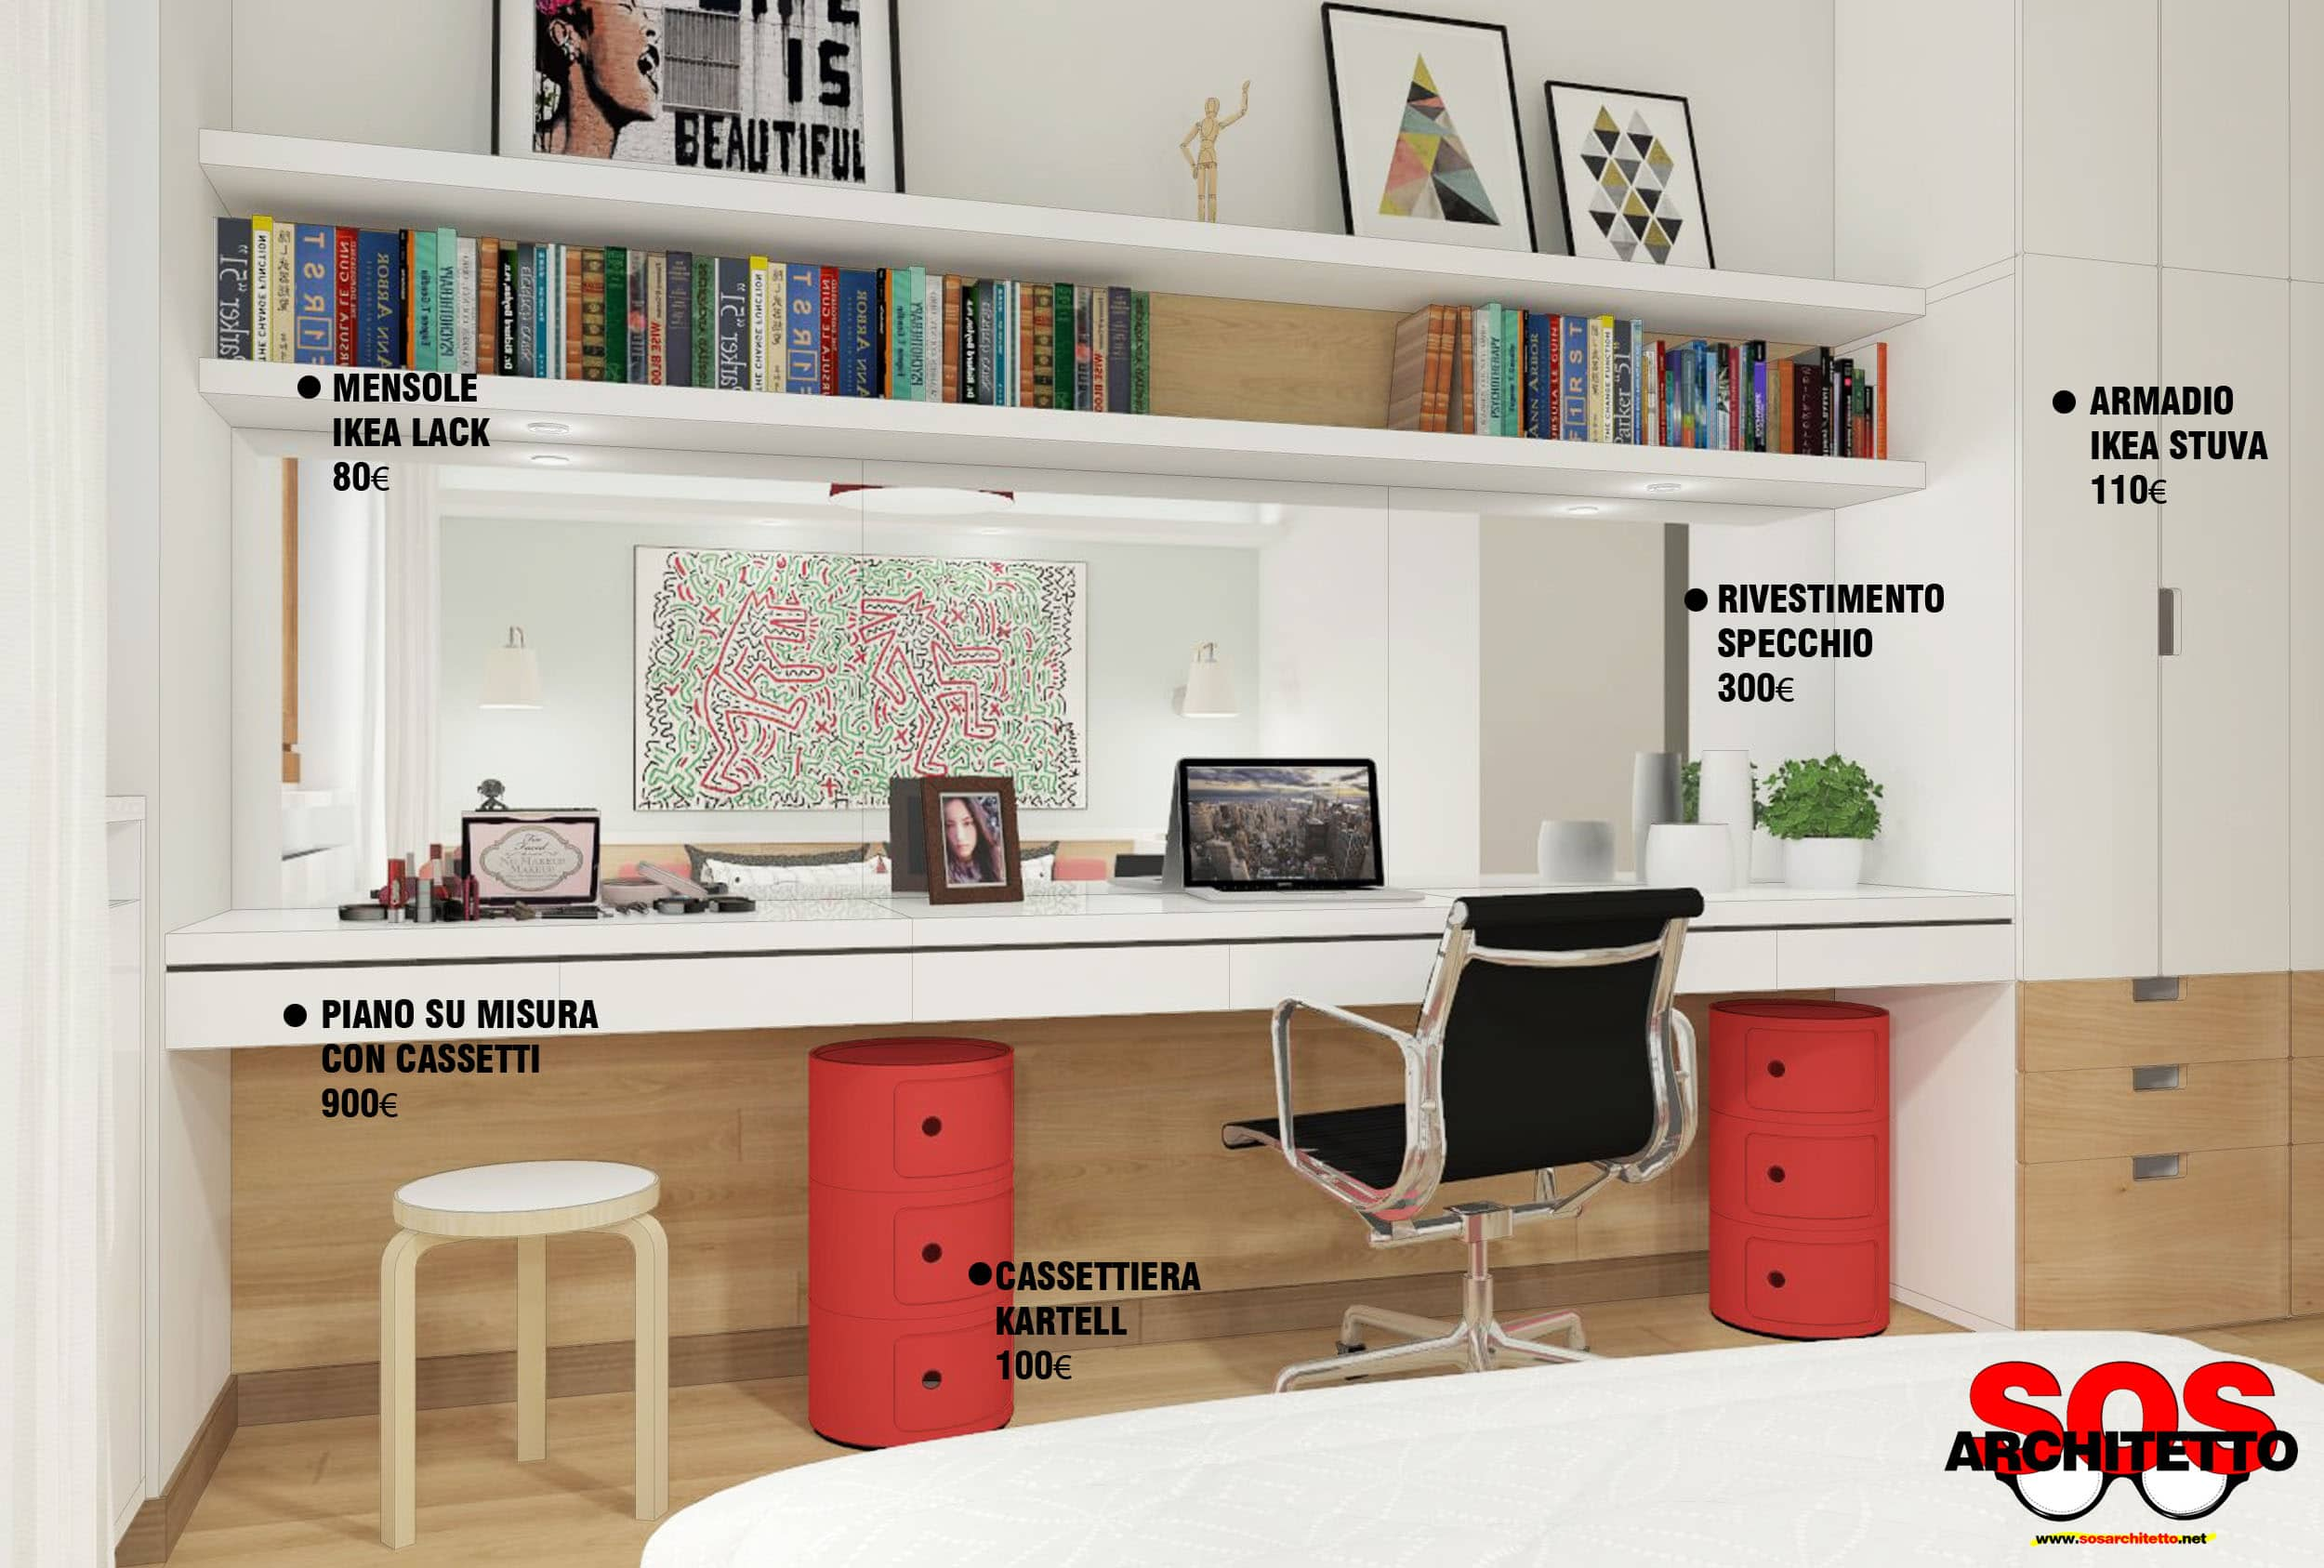 Rivoluzionare un soggiorno con l 39 arredamento giusto andrea vertua architettoandrea vertua - Arredamento camera da letto ...